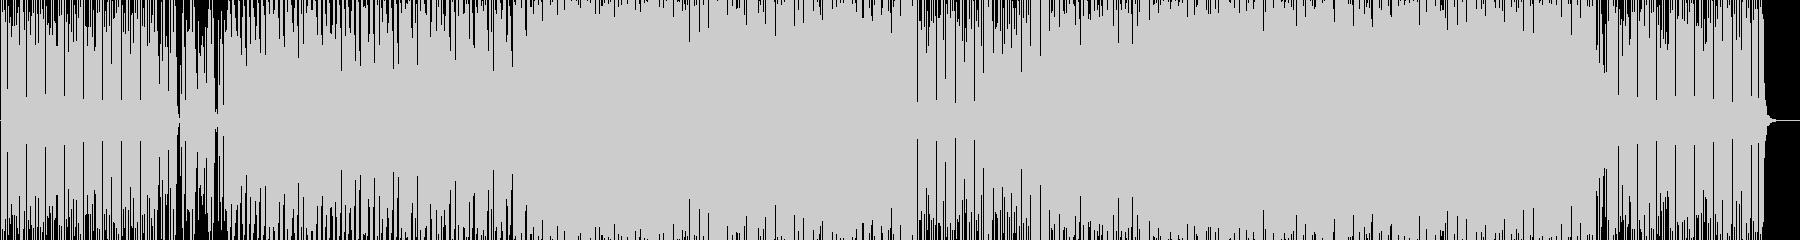 召喚魔法的な曲の未再生の波形